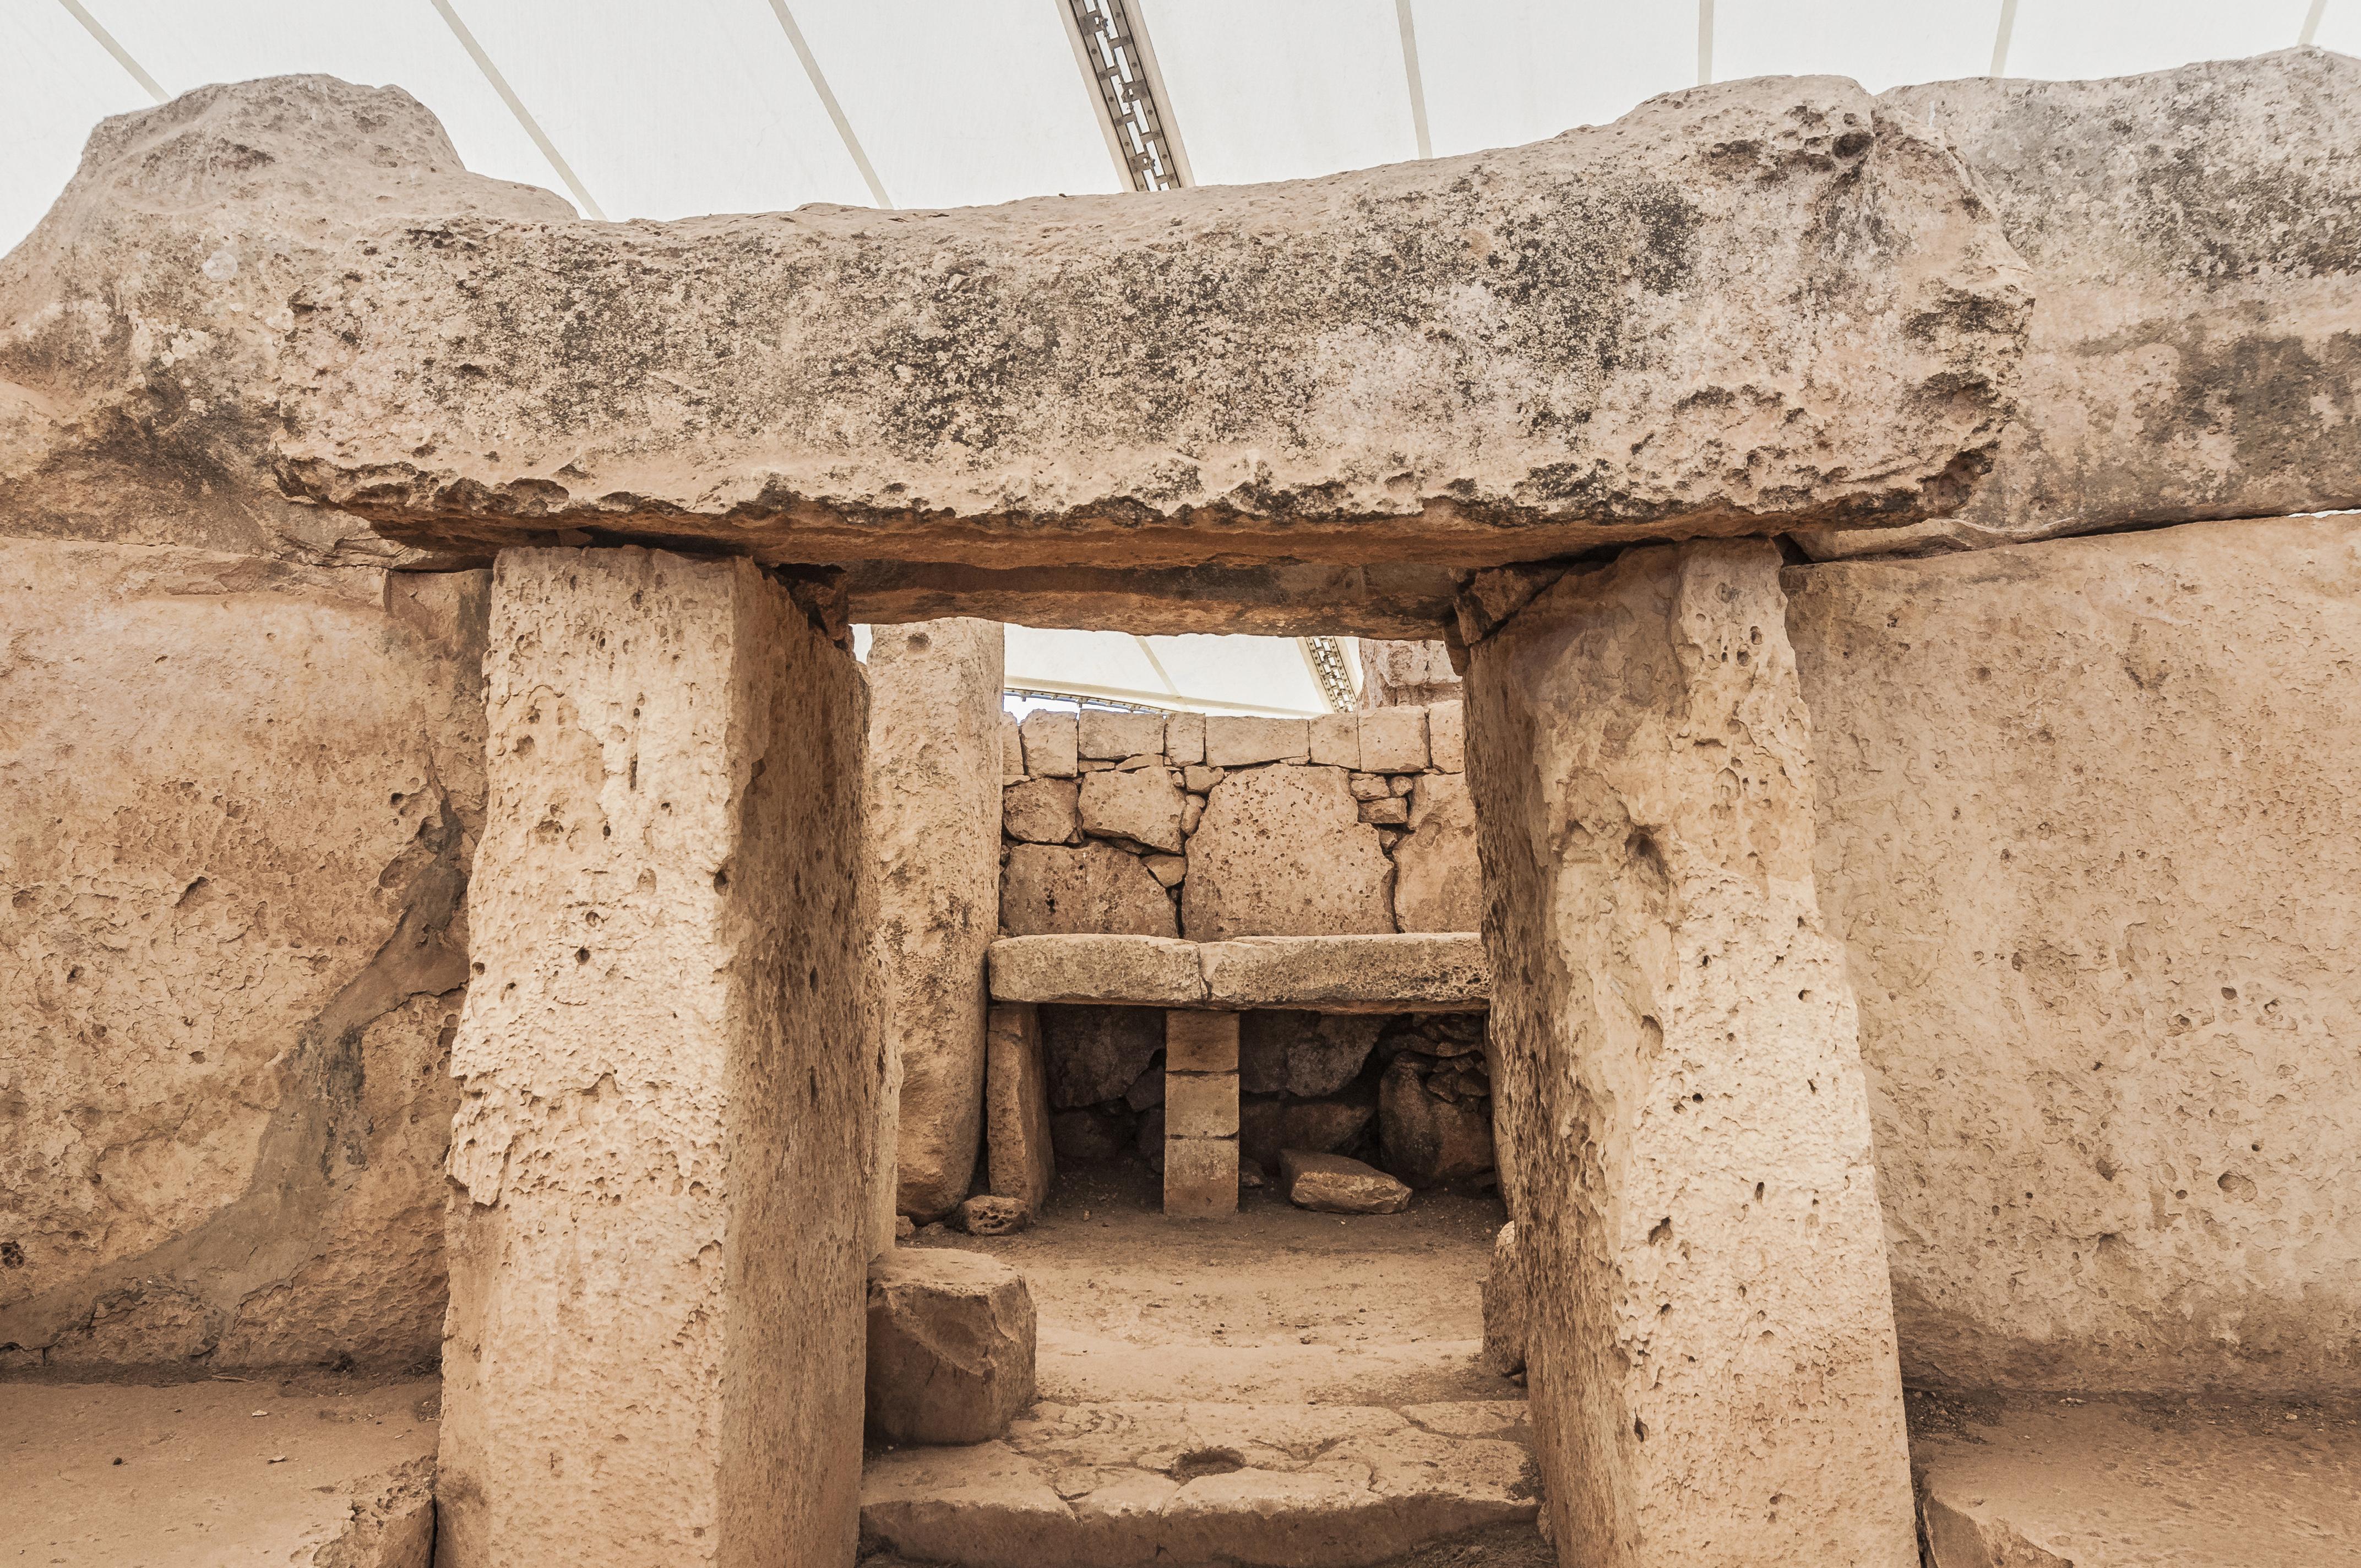 No encontrarás construcciones de piedras más antiguas que estas - Malta Circuito Maravillas de Malta